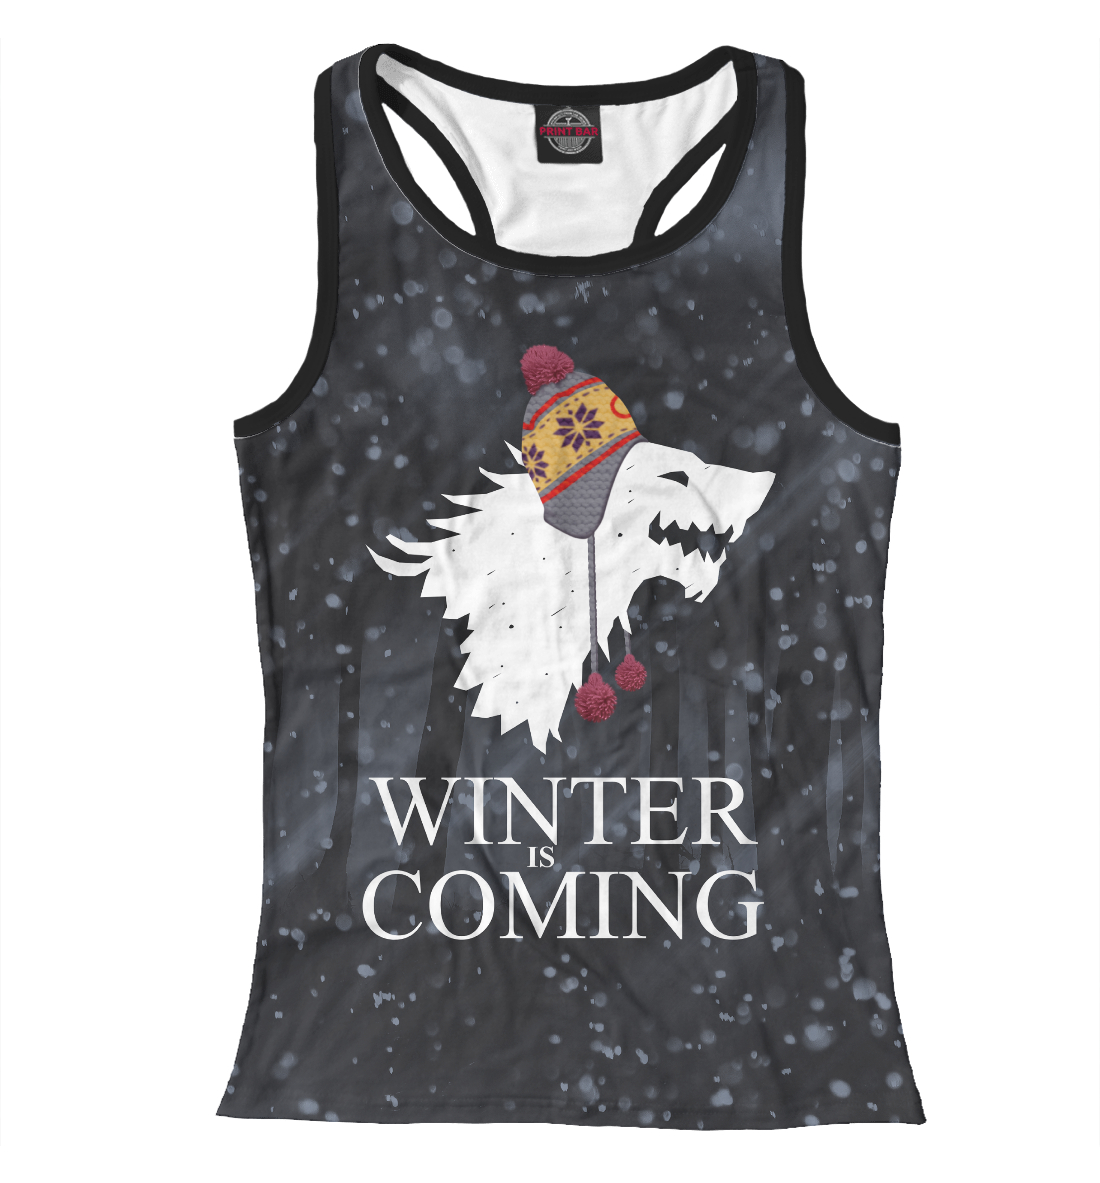 Купить Зима близко, Printbar, Майки борцовки, IGR-496837-mayb-1